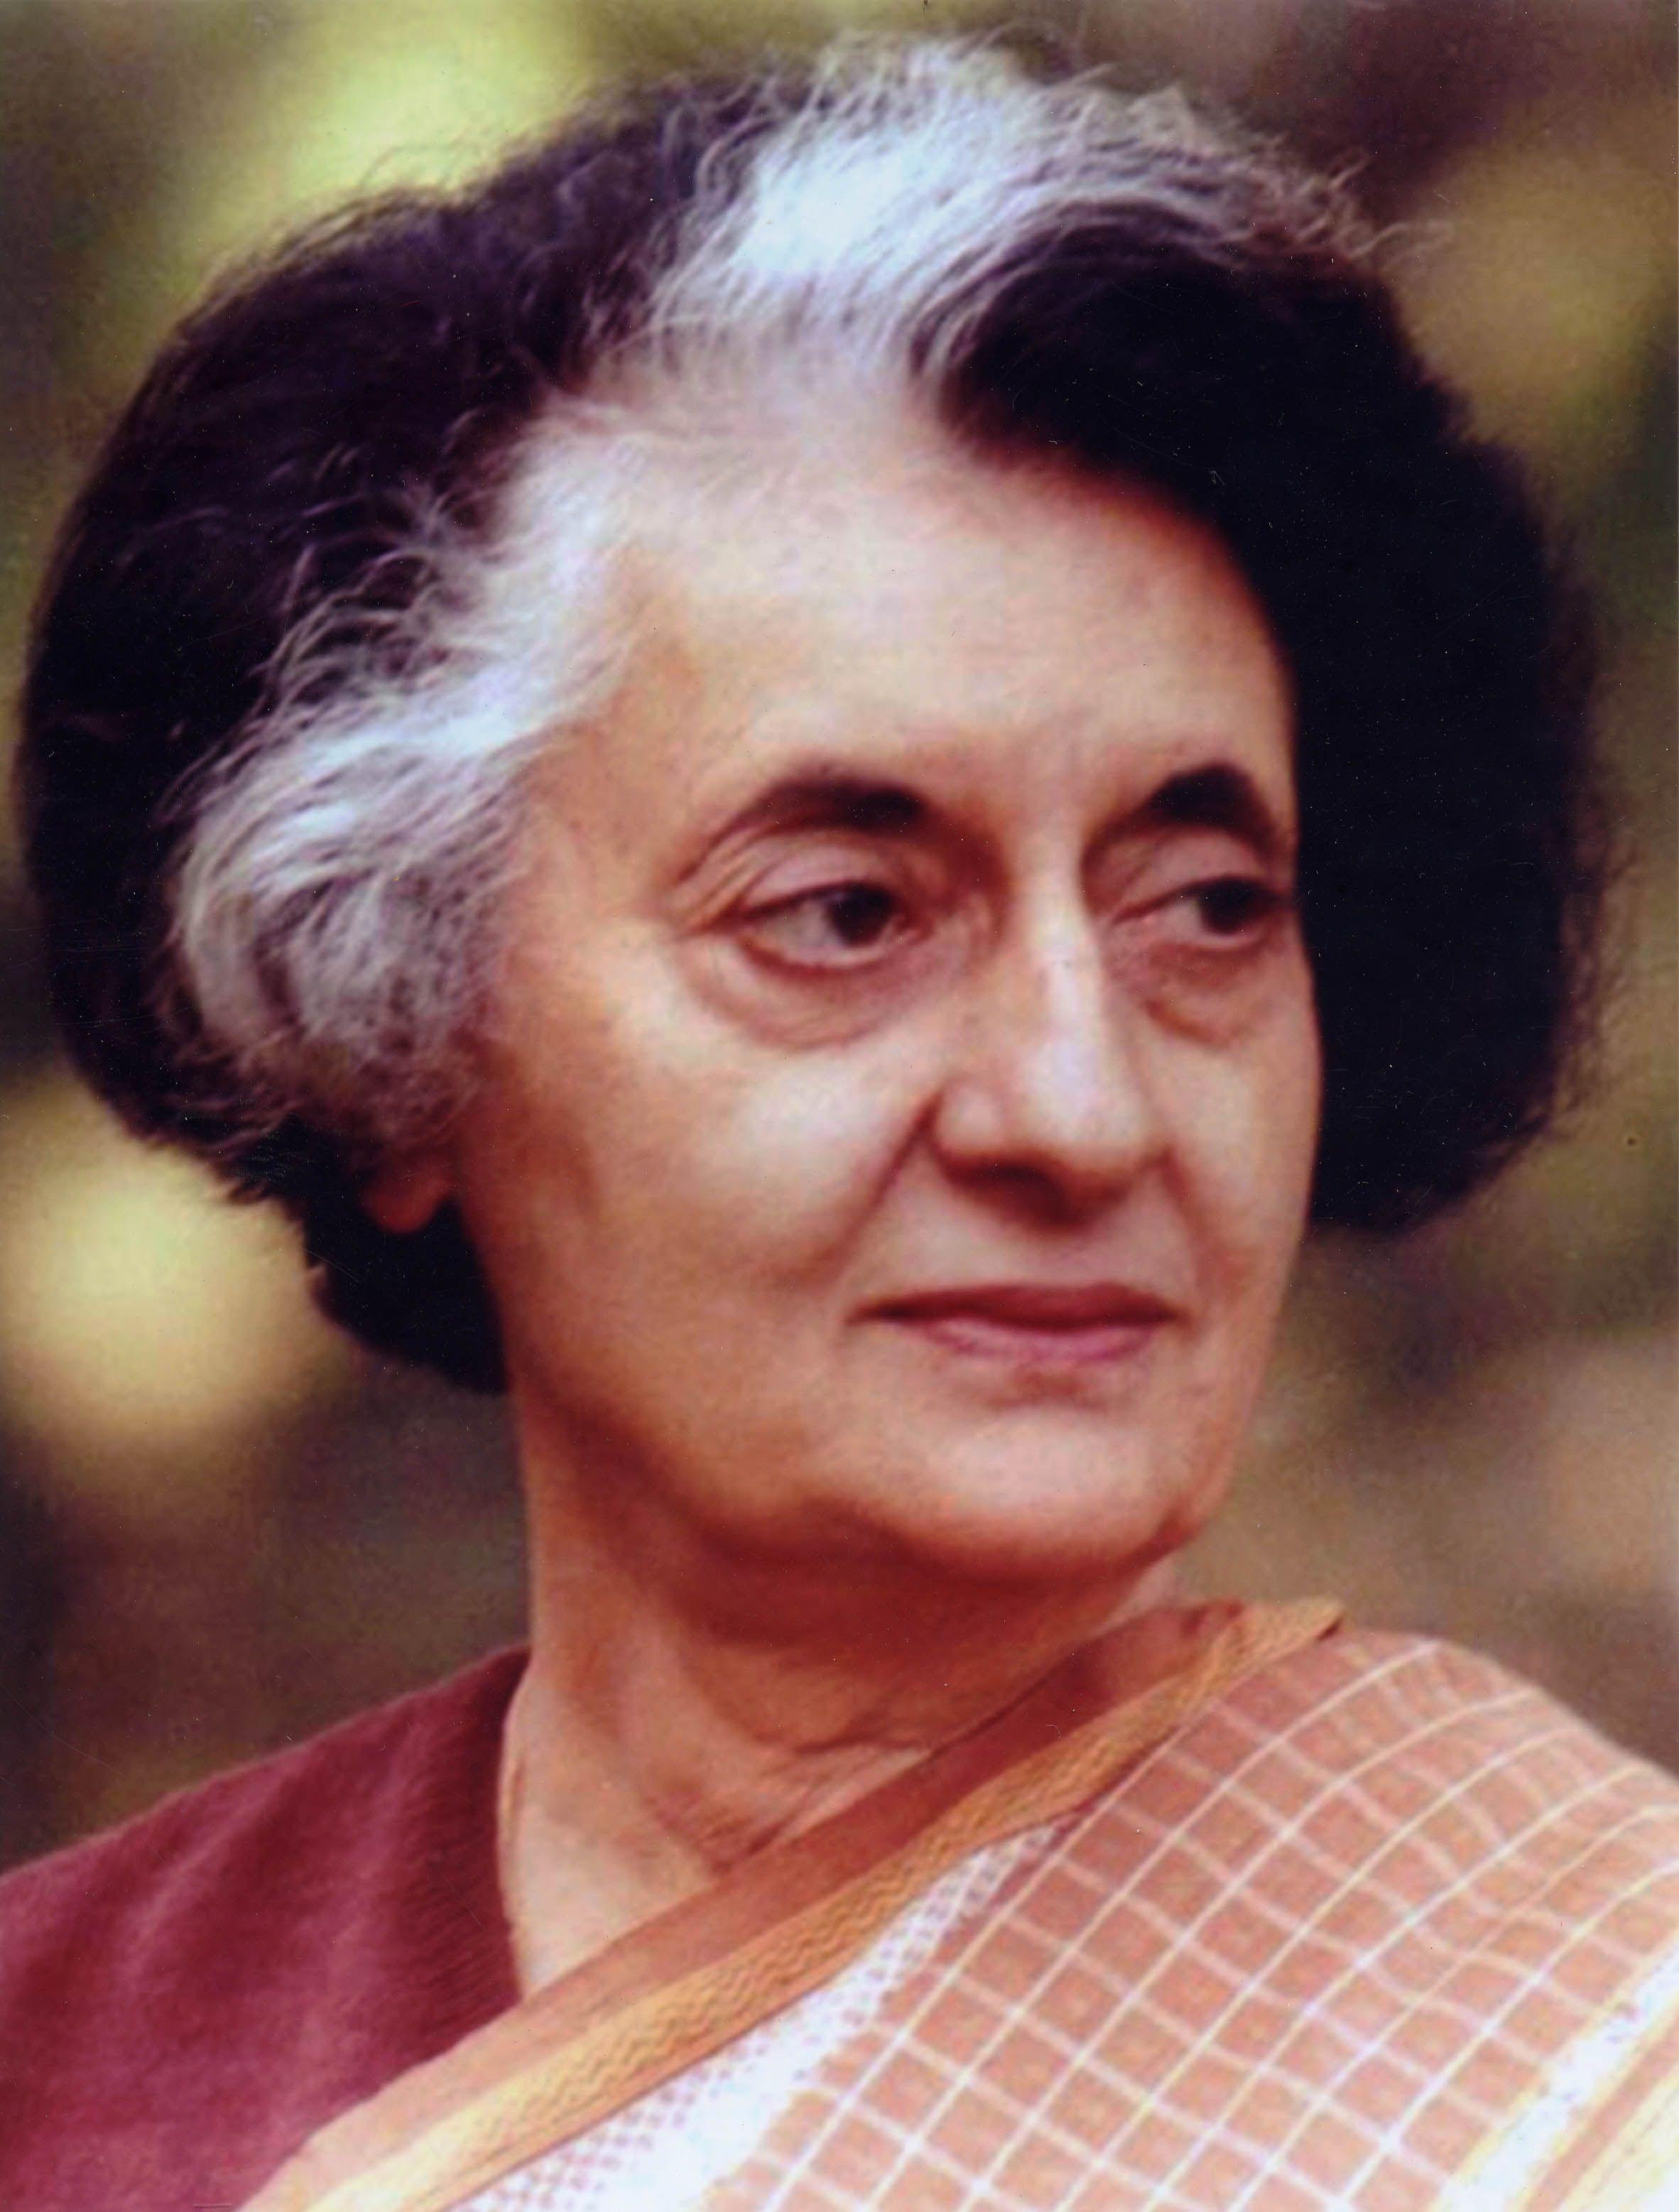 Indira Gandhi India 1966 Gandhi was the third Prime